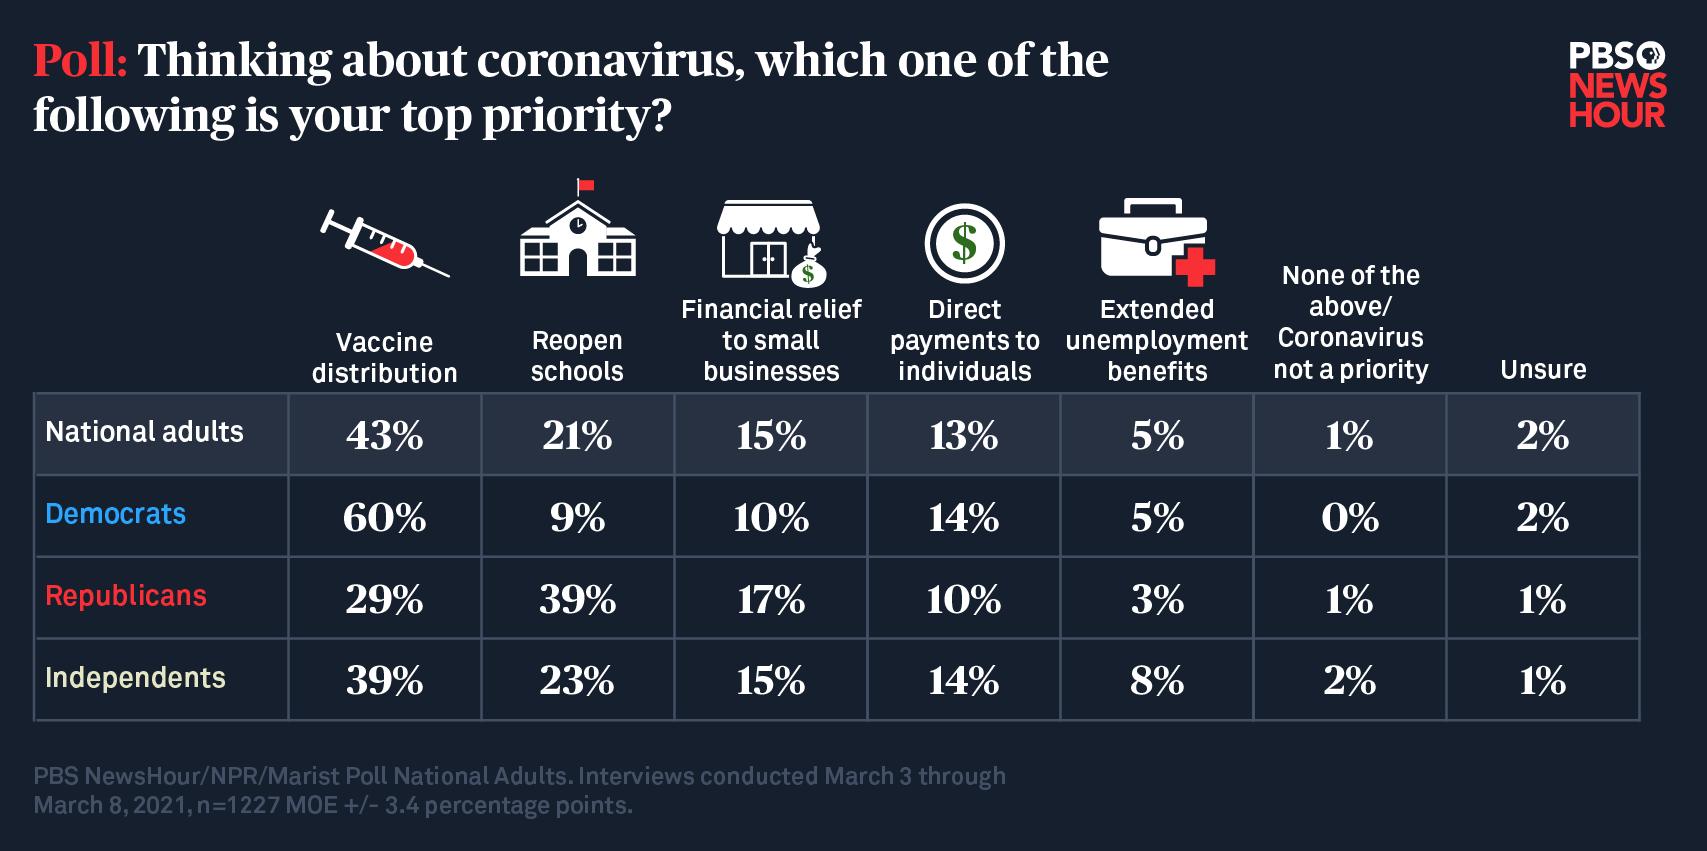 Coronavirus Recovery Priorities.